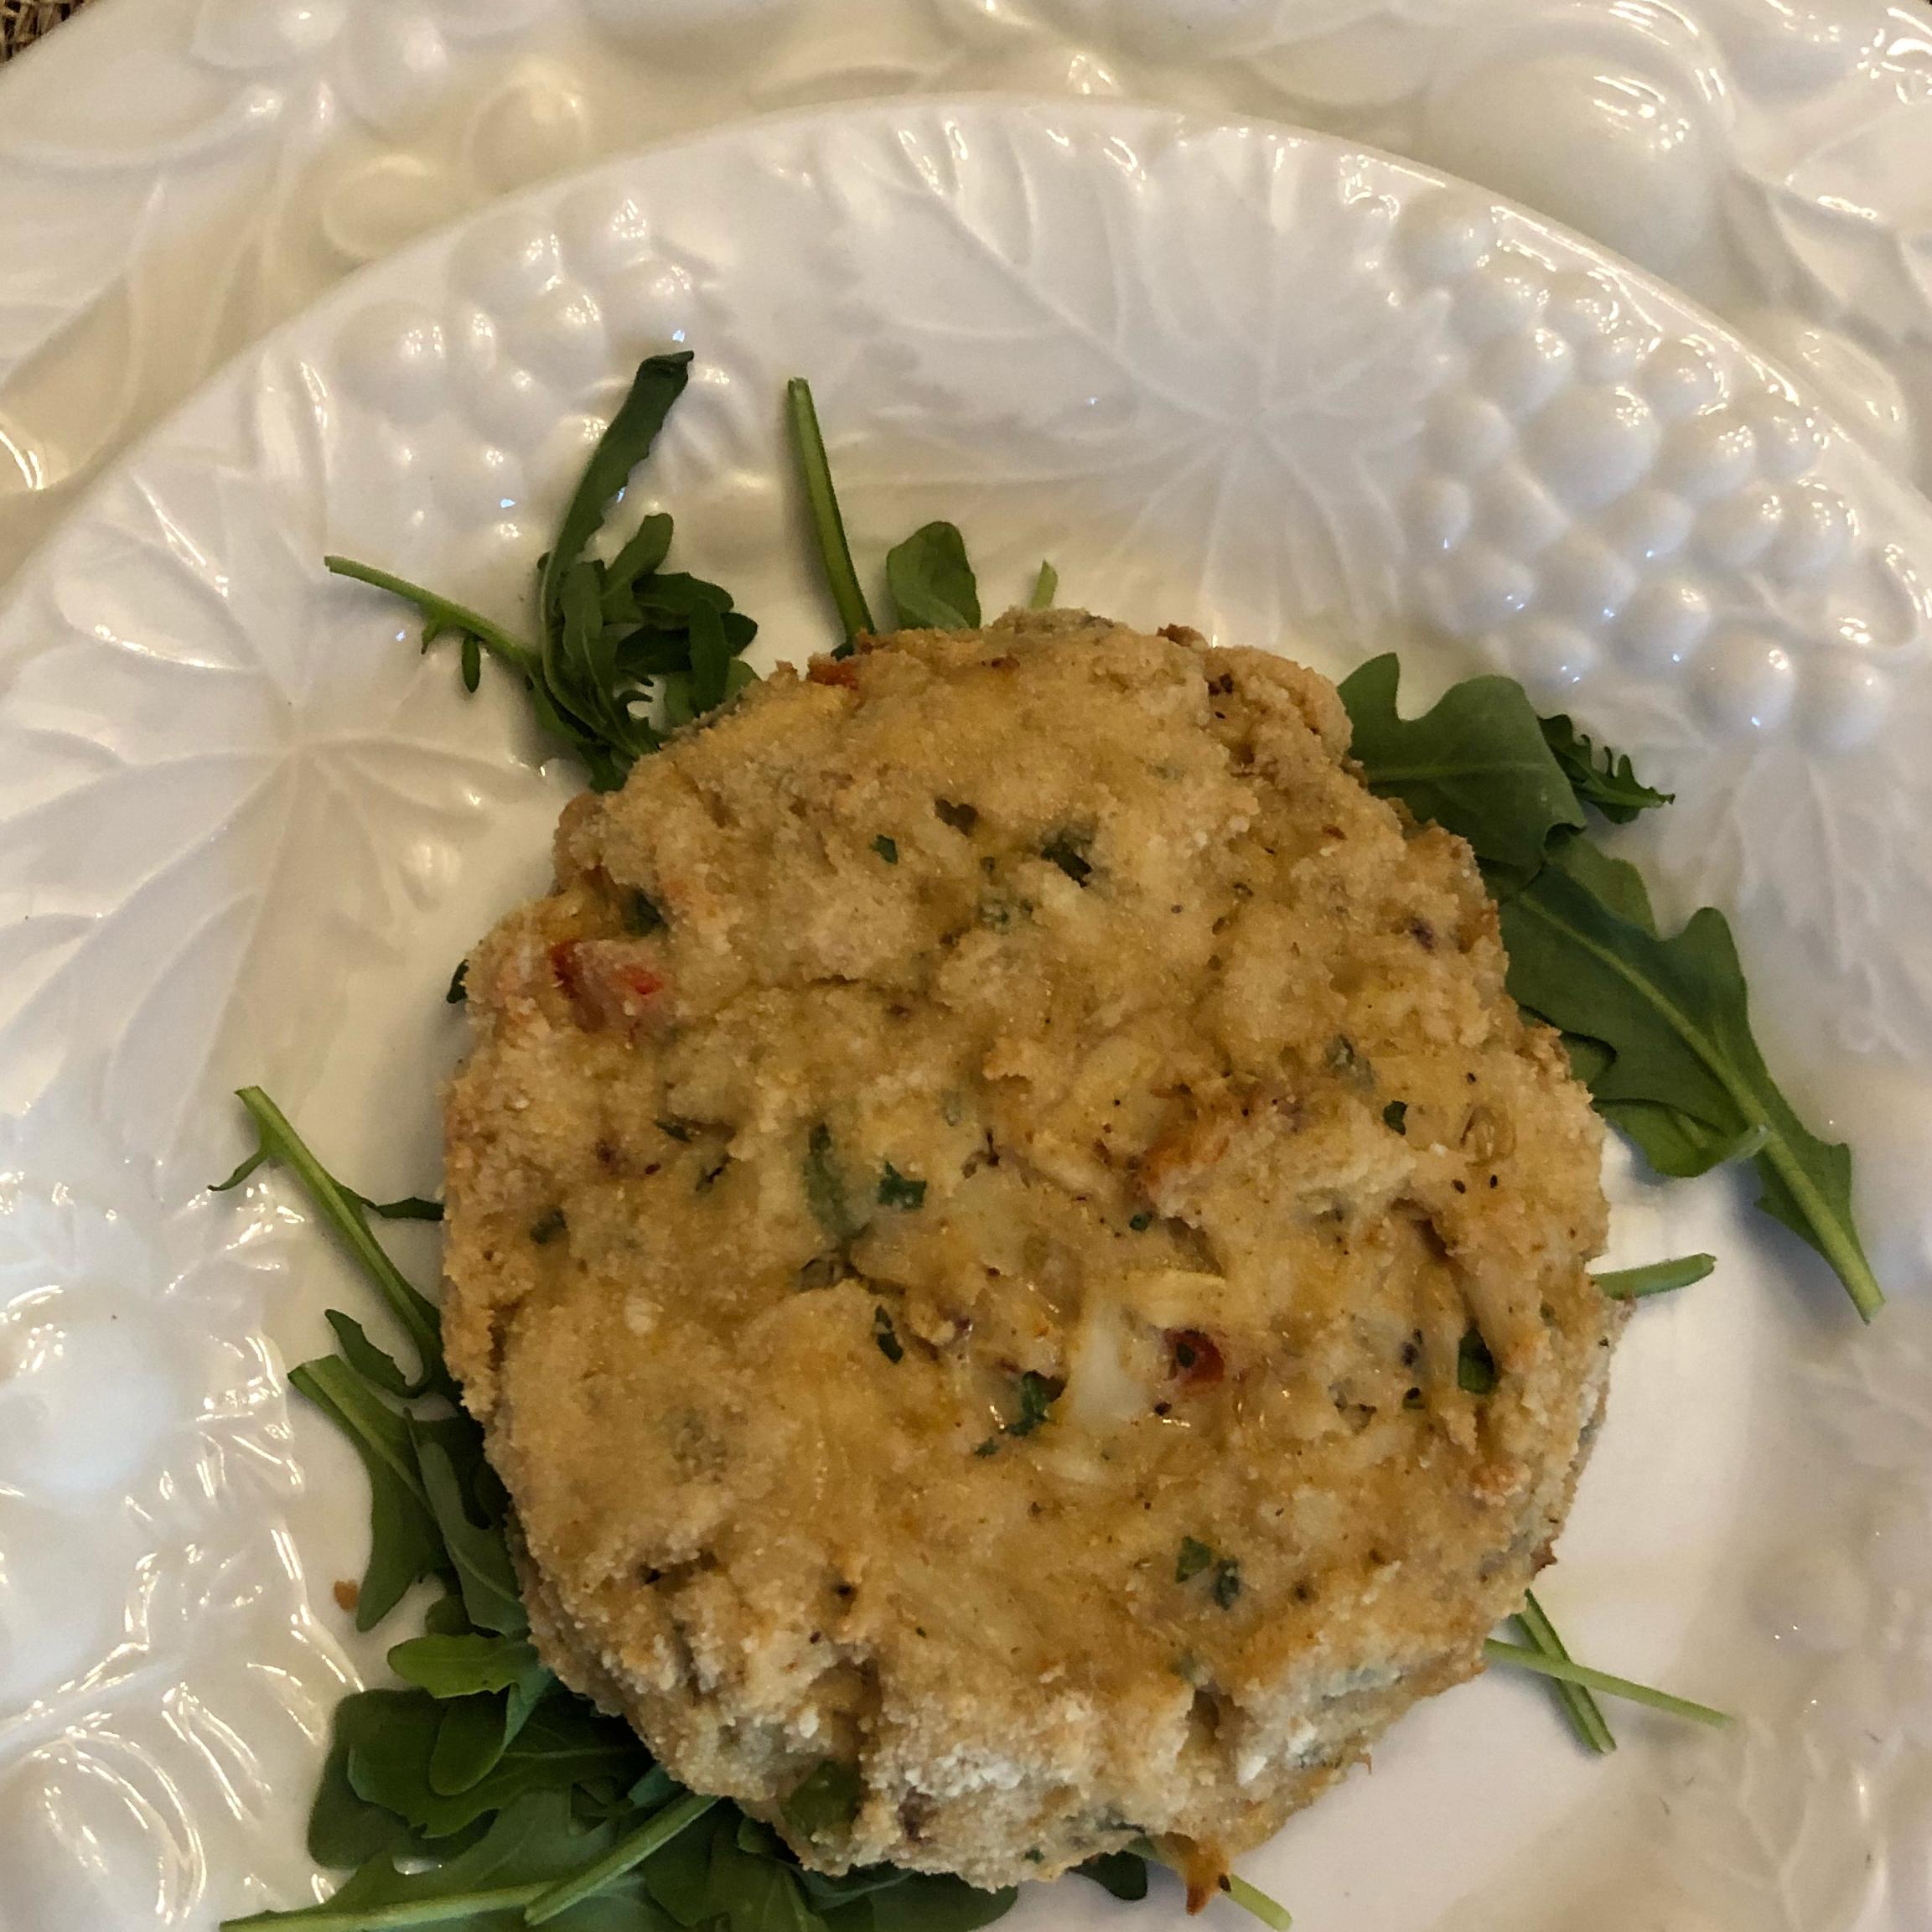 Paleo Maryland Crab Cakes